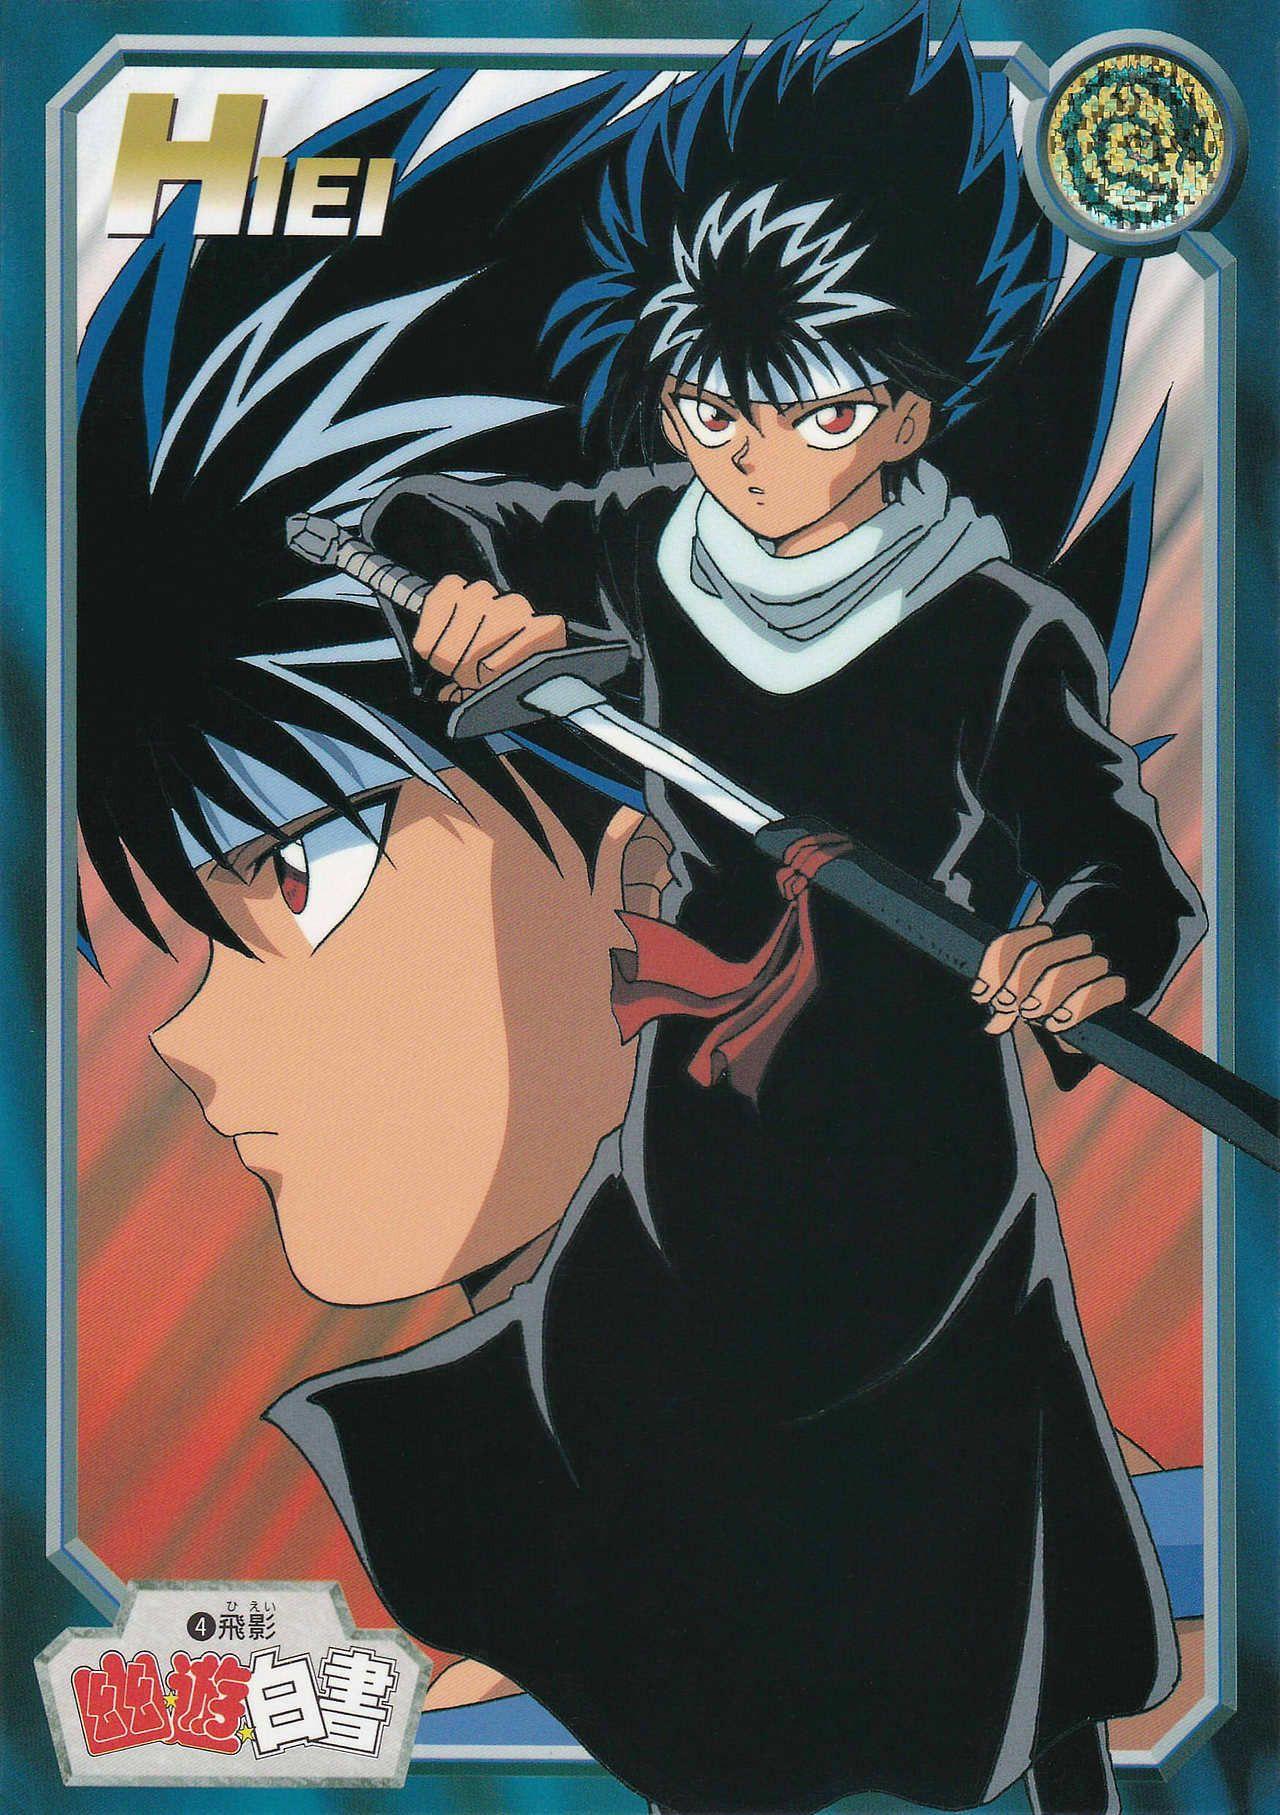 yu yu hakusho cards Tumblr Anime, Anime memes funny